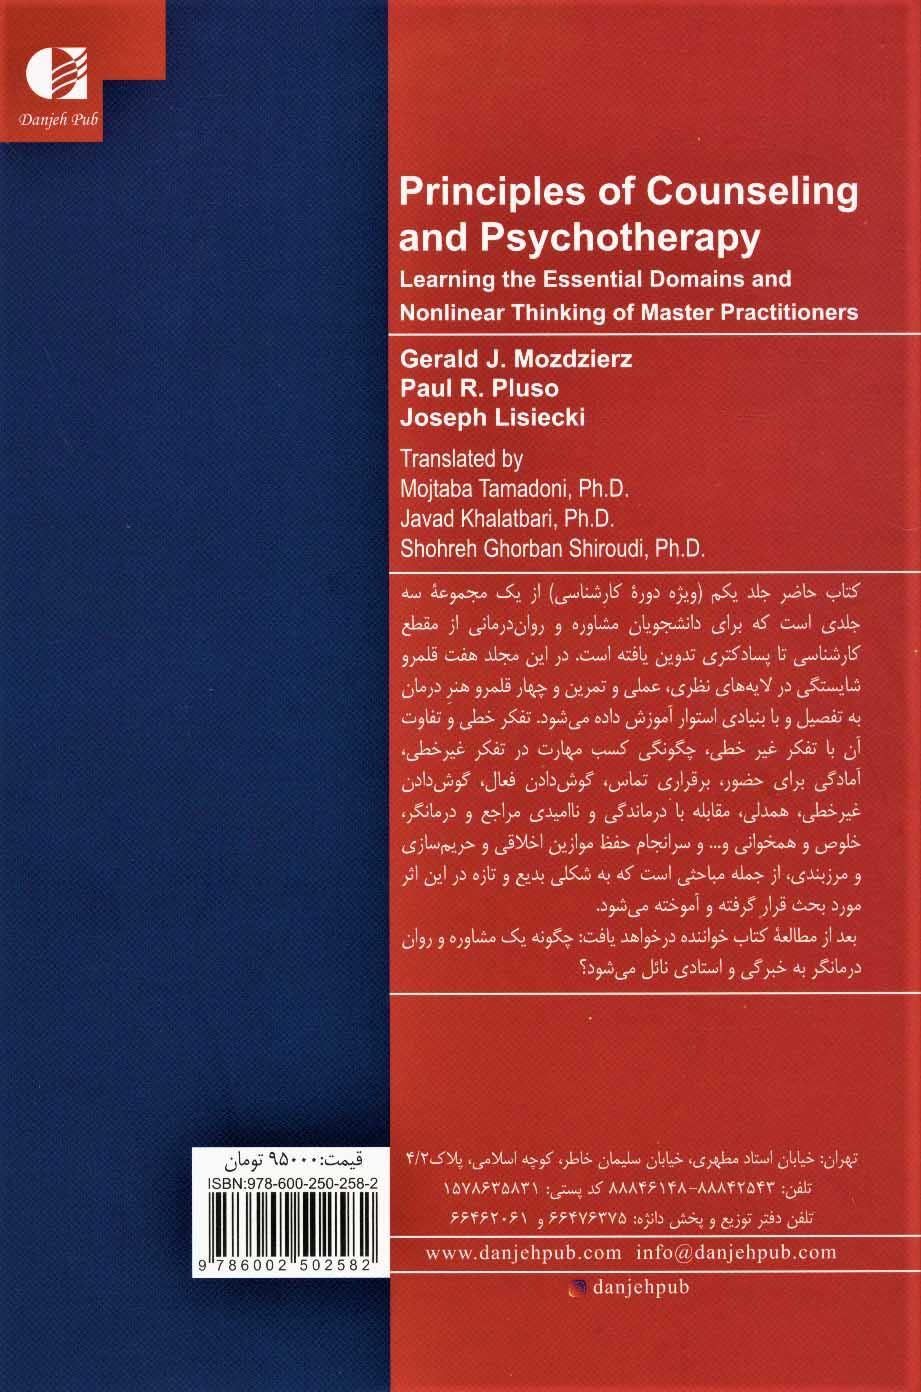 اصول مشاوره:7 قلمرو شایستگی در مشاوره و روان درمانی 1 (چهار مهارت بنیادی هنر درمان)